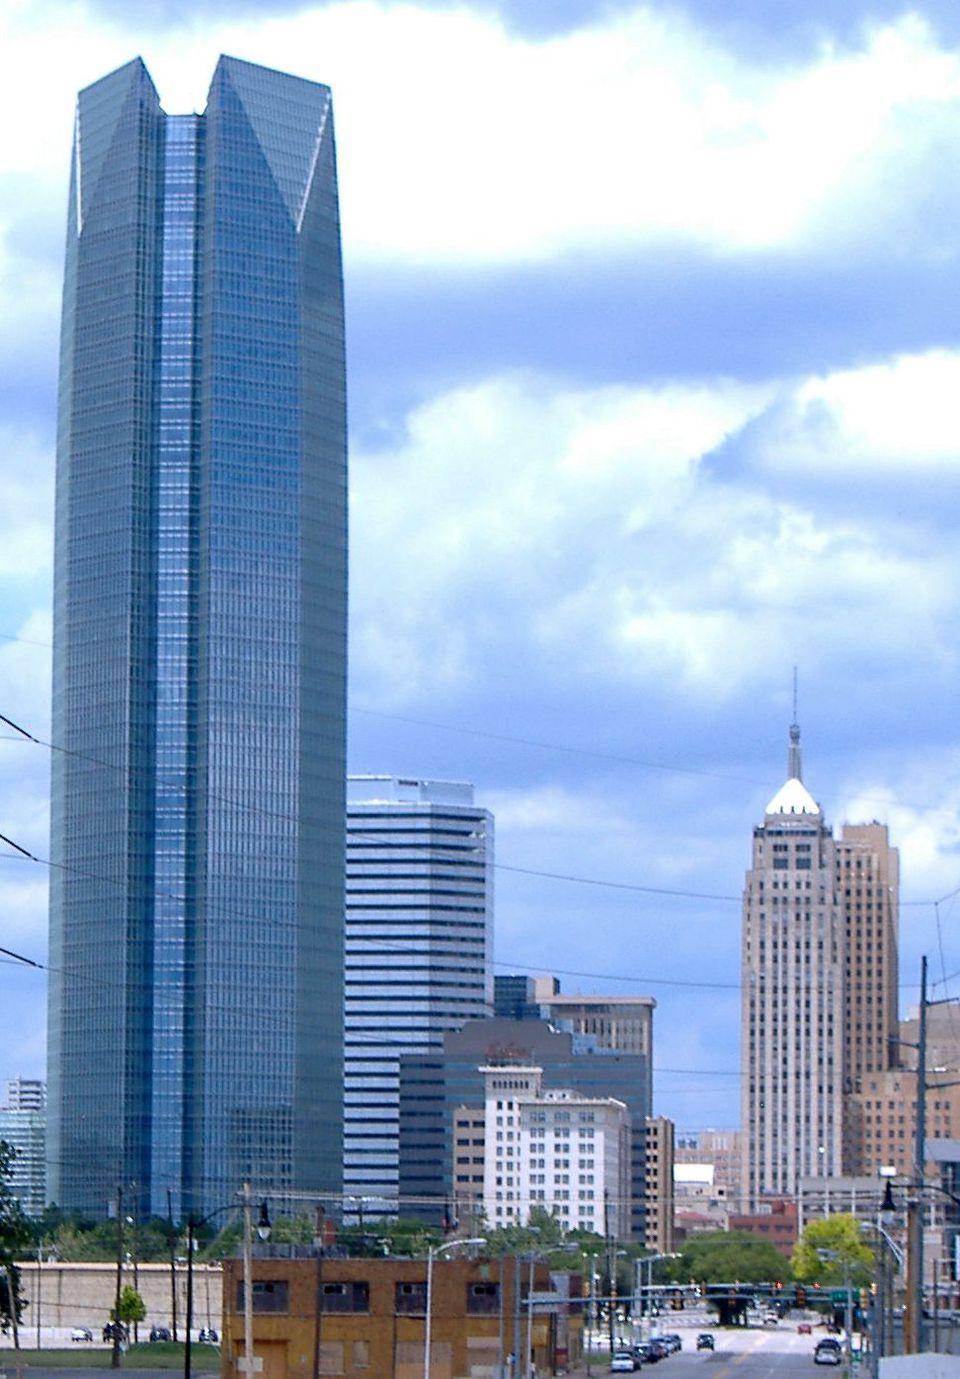 Oklahoma City's Devon Tower